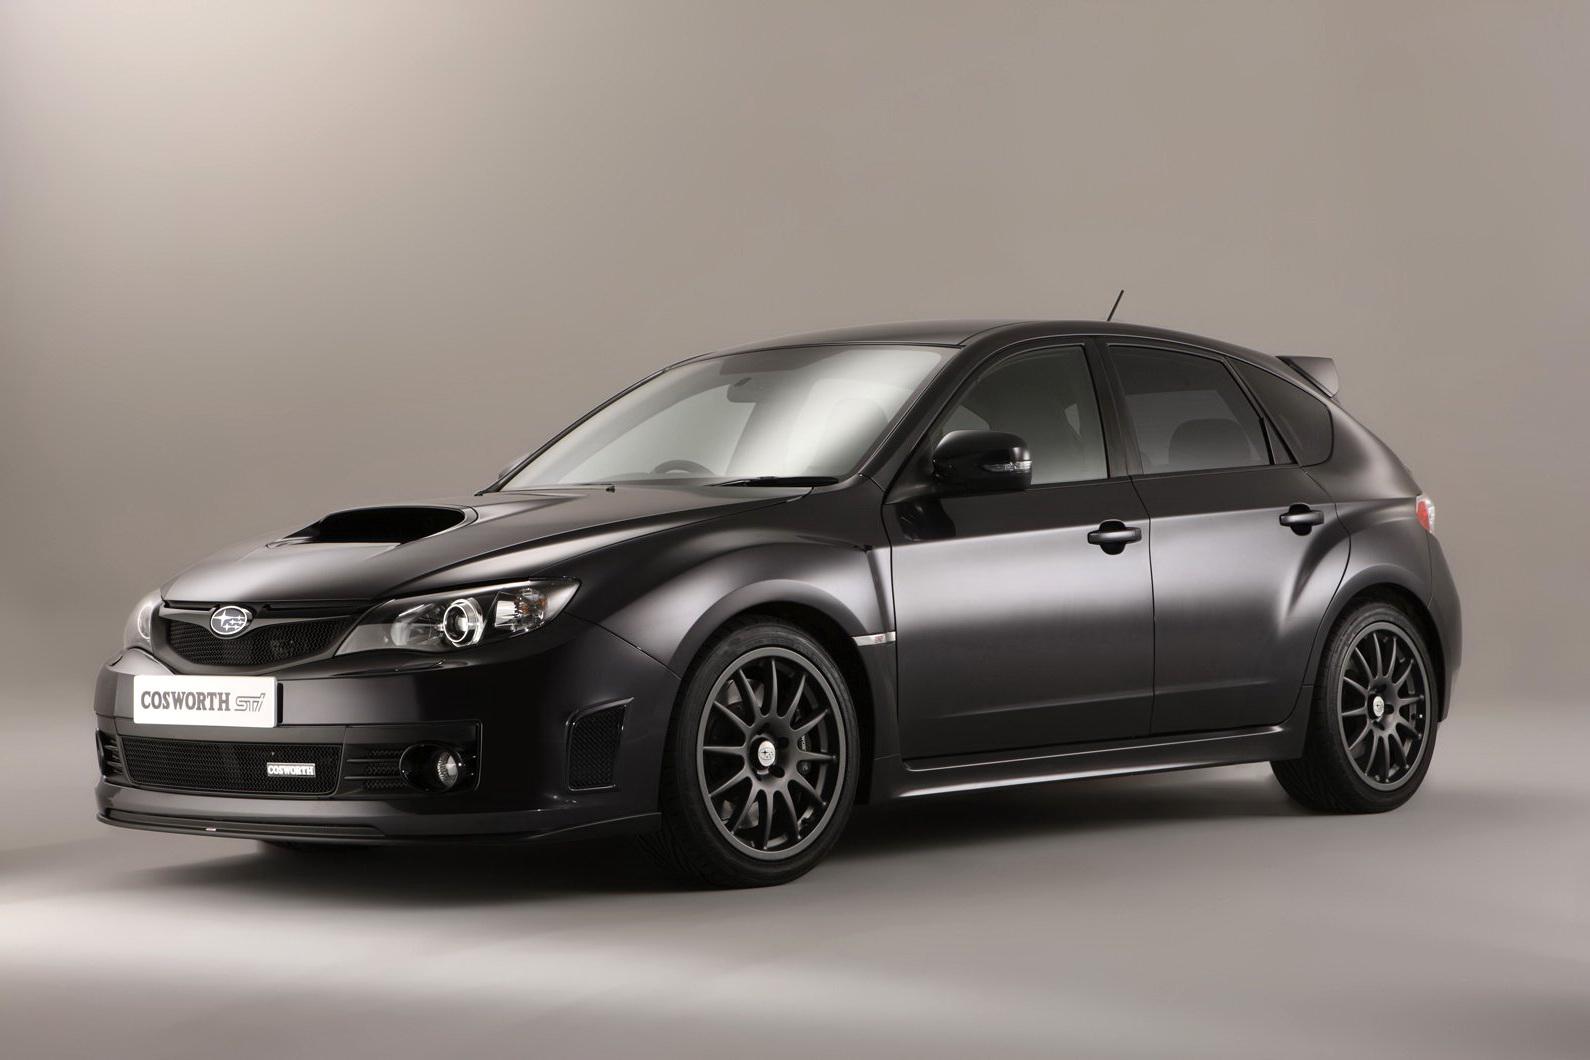 описание, характеристики, Subaru Impreza, Subaru Impreza WRX STI, Субару Импреза, Импреза ВРХ СТИ